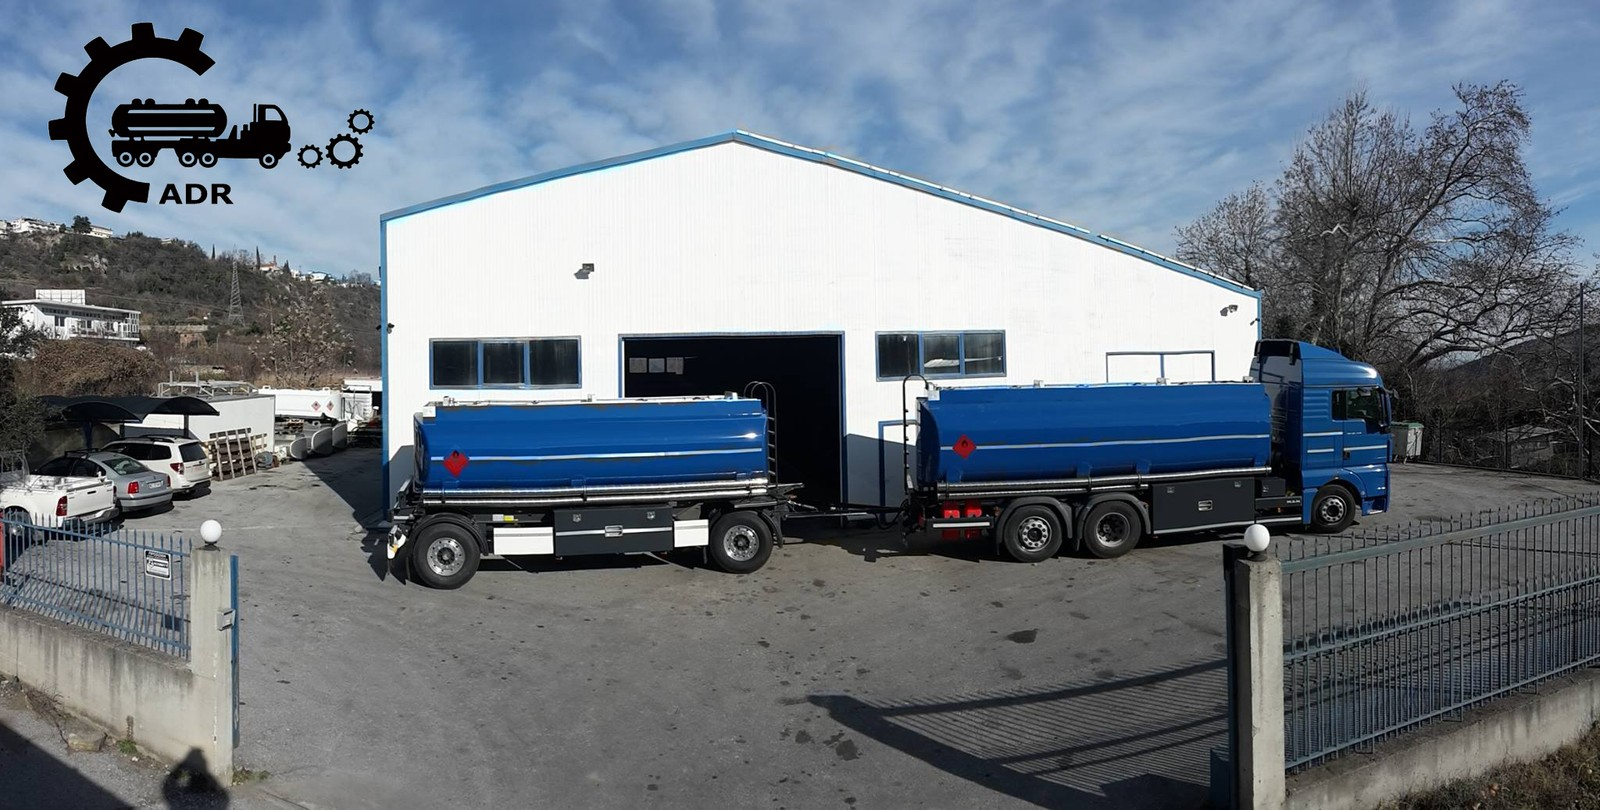 Φορτηγό Άνω Των 7.5τ βυτίο-καυσίμων '18  Αλλο Λάστιχα διανομής-thumb-4